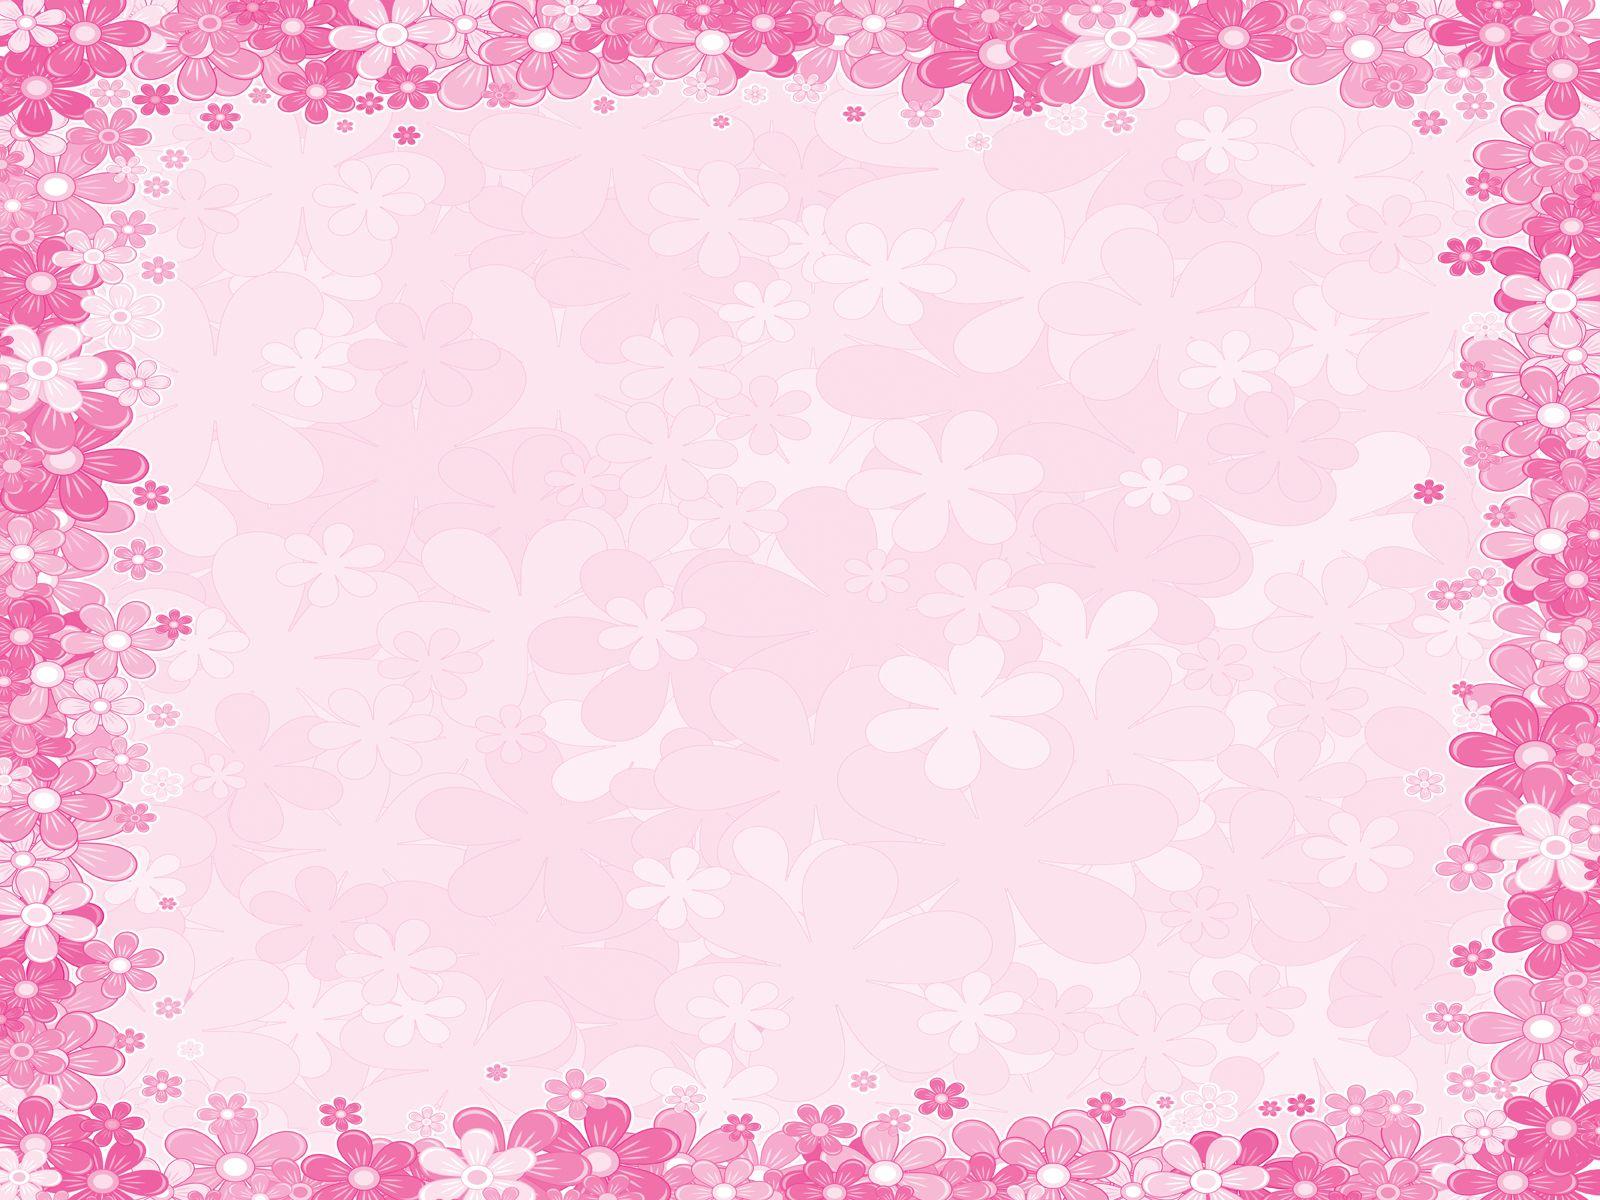 pink floral borders Pink floral frames PPT Backgrounds